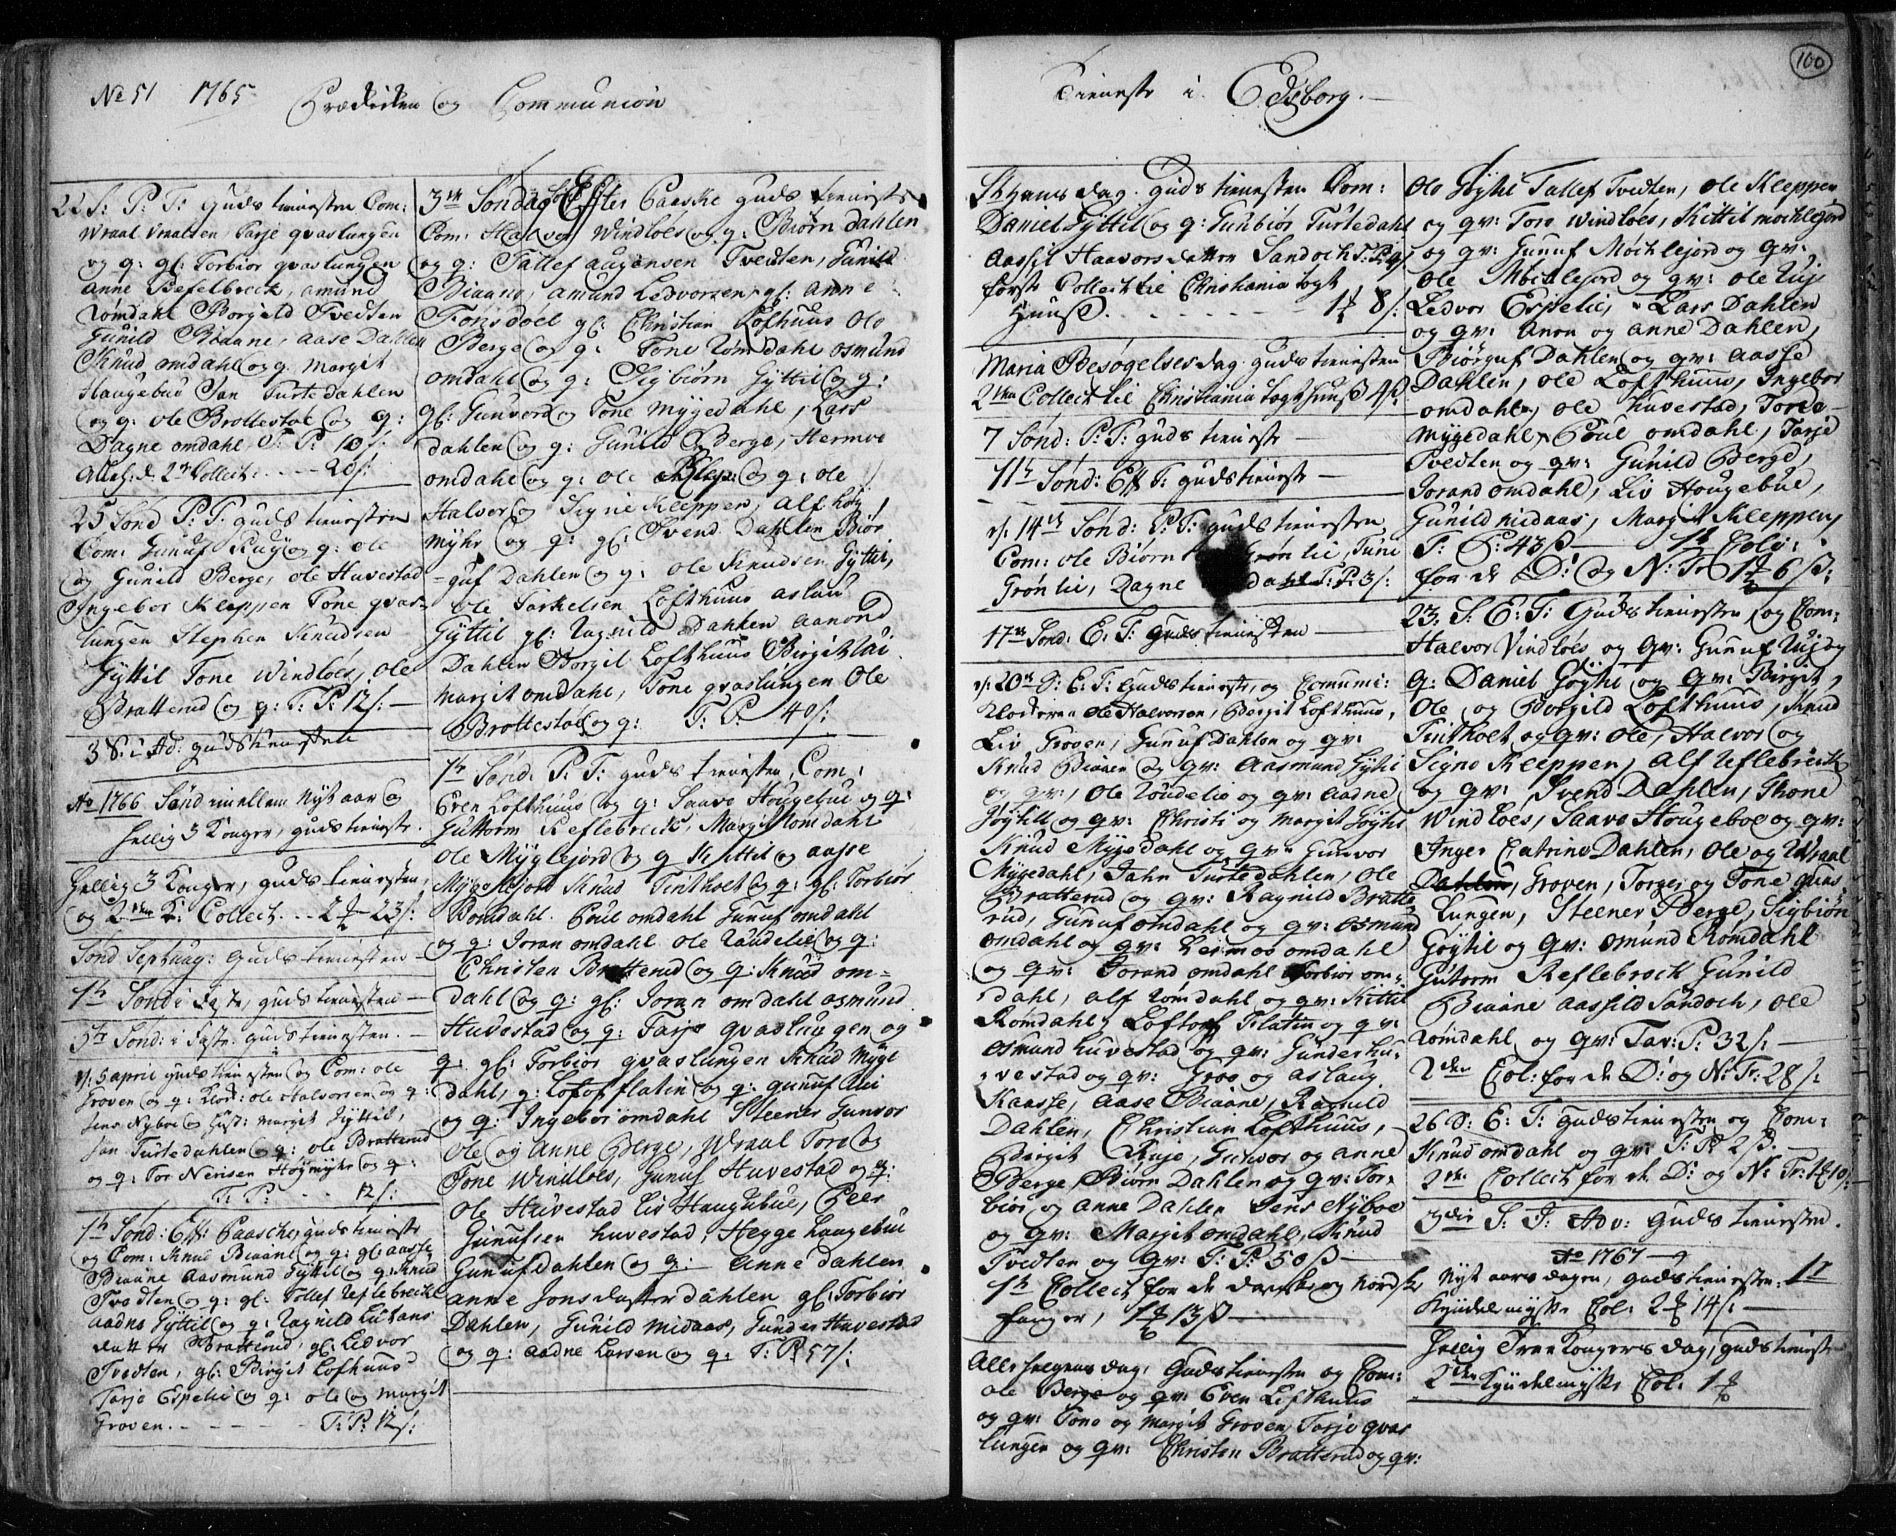 SAKO, Lårdal kirkebøker, F/Fa/L0003: Ministerialbok nr. I 3, 1754-1790, s. 100